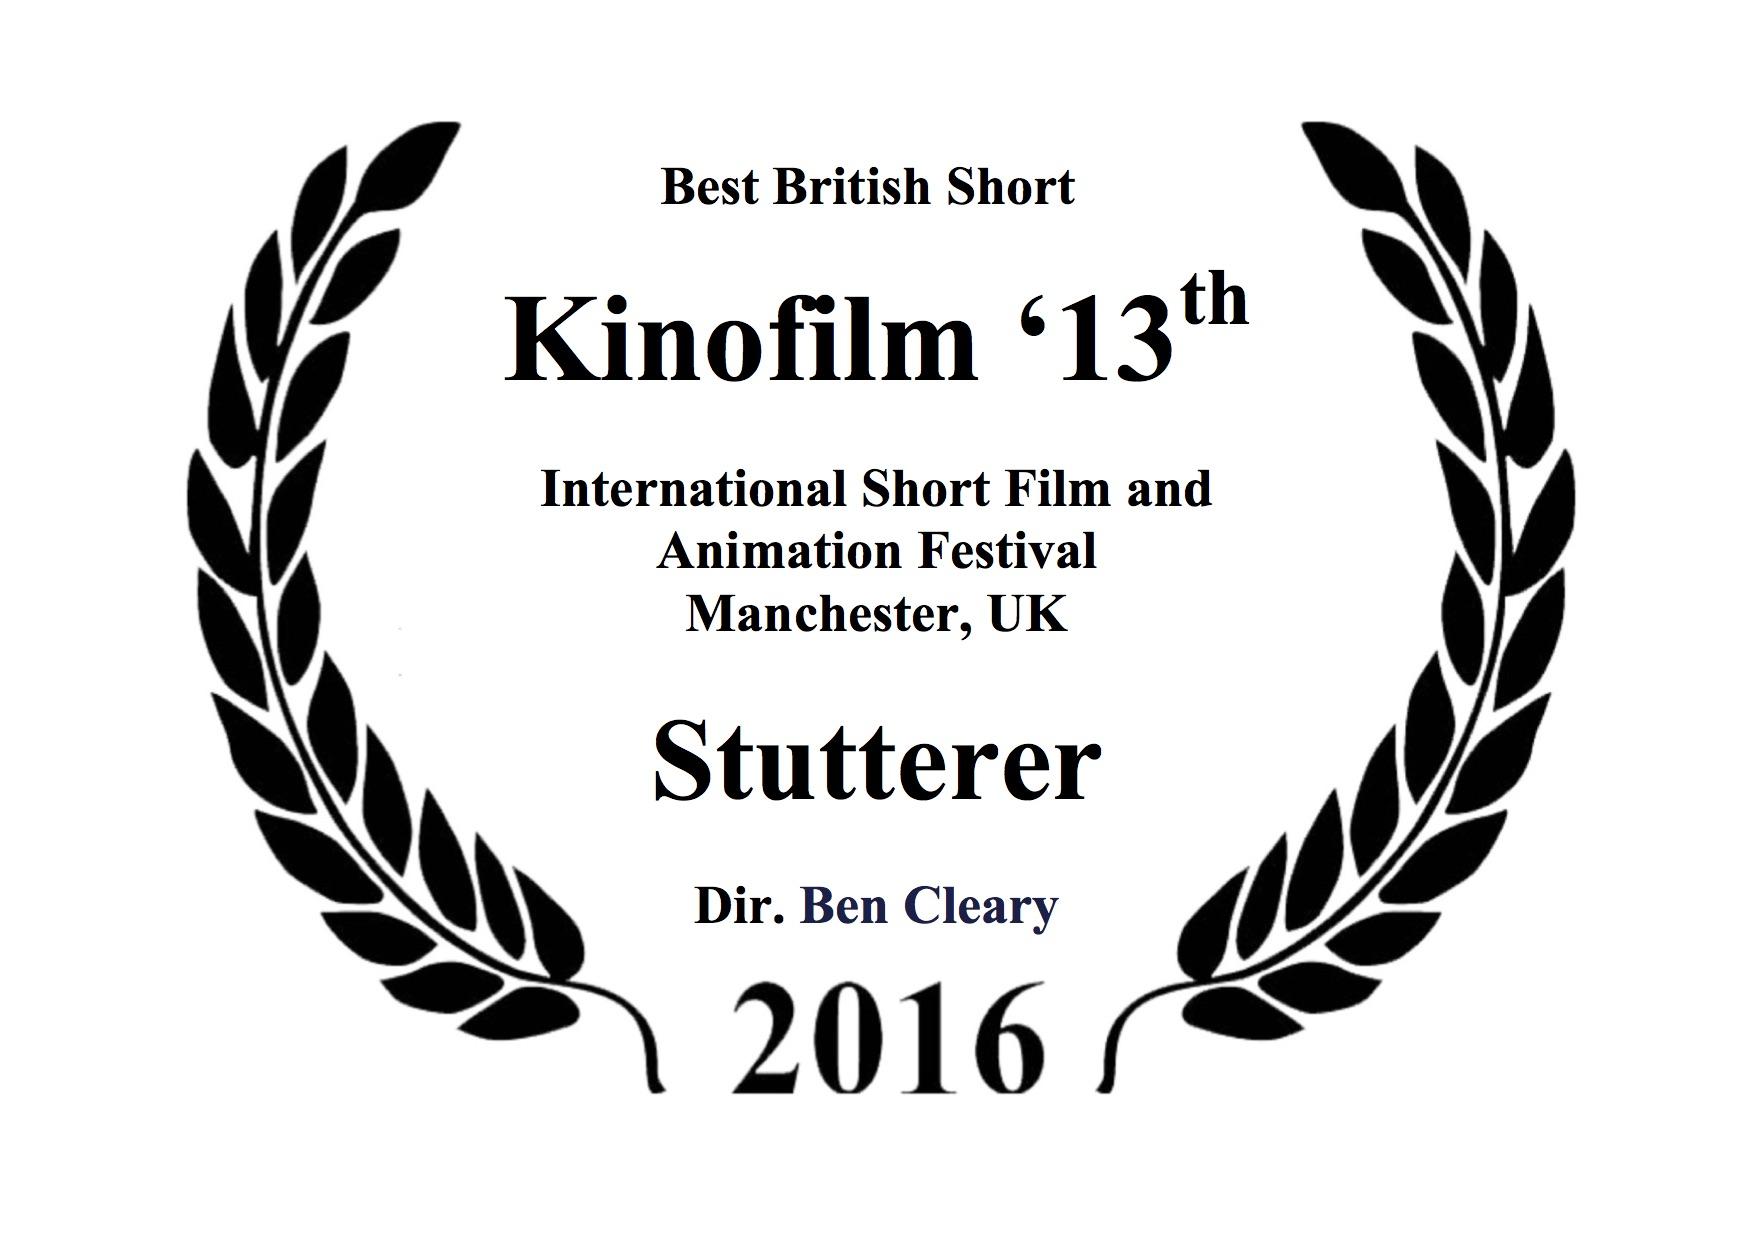 Best British Short